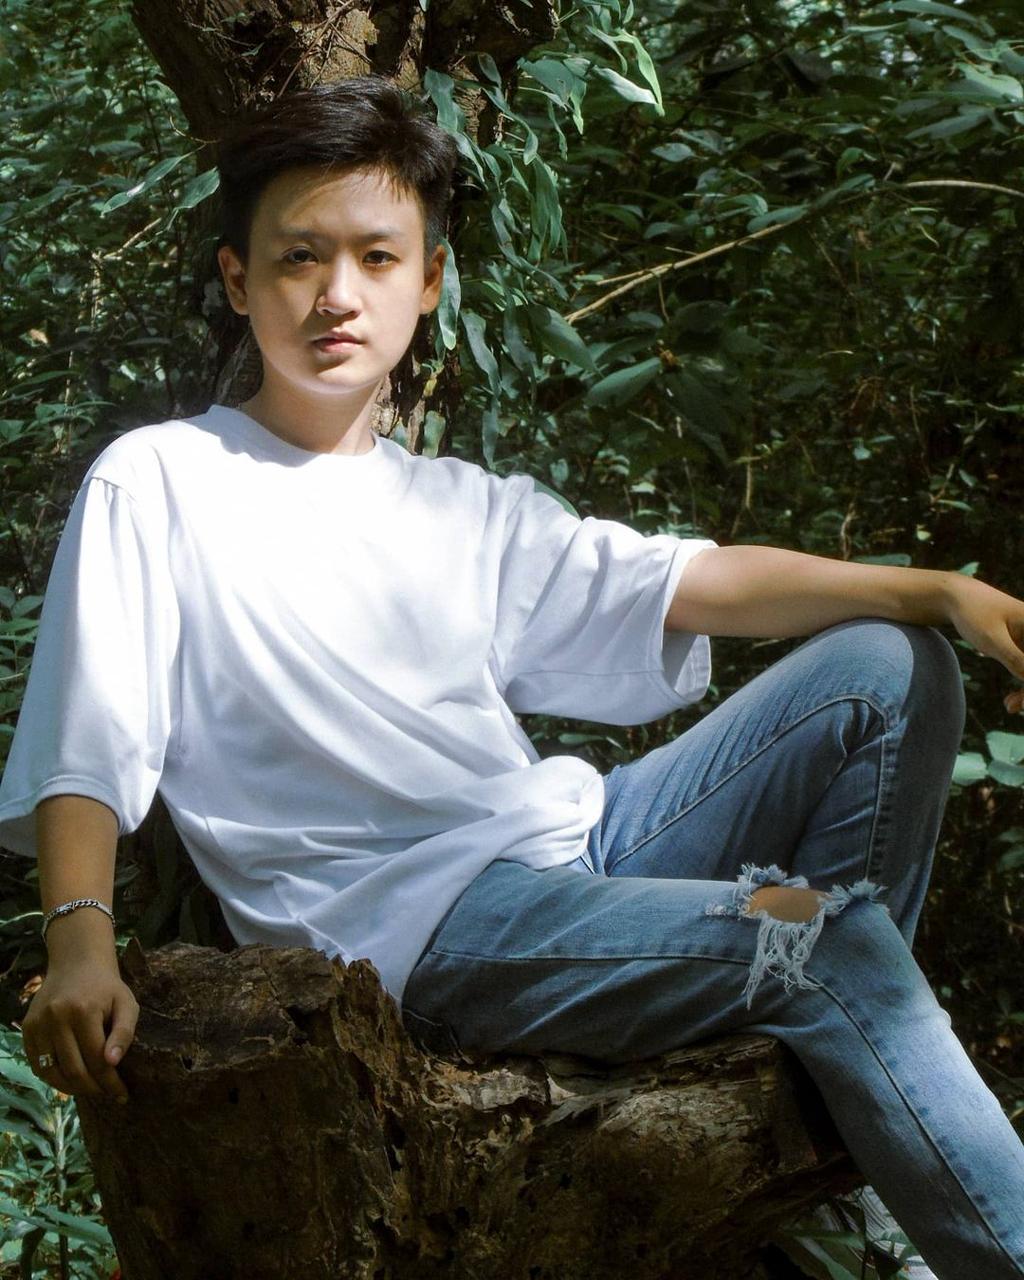 Nét lãng tử của du khách chụp ảnh tại khu rừng cây sao An Giang